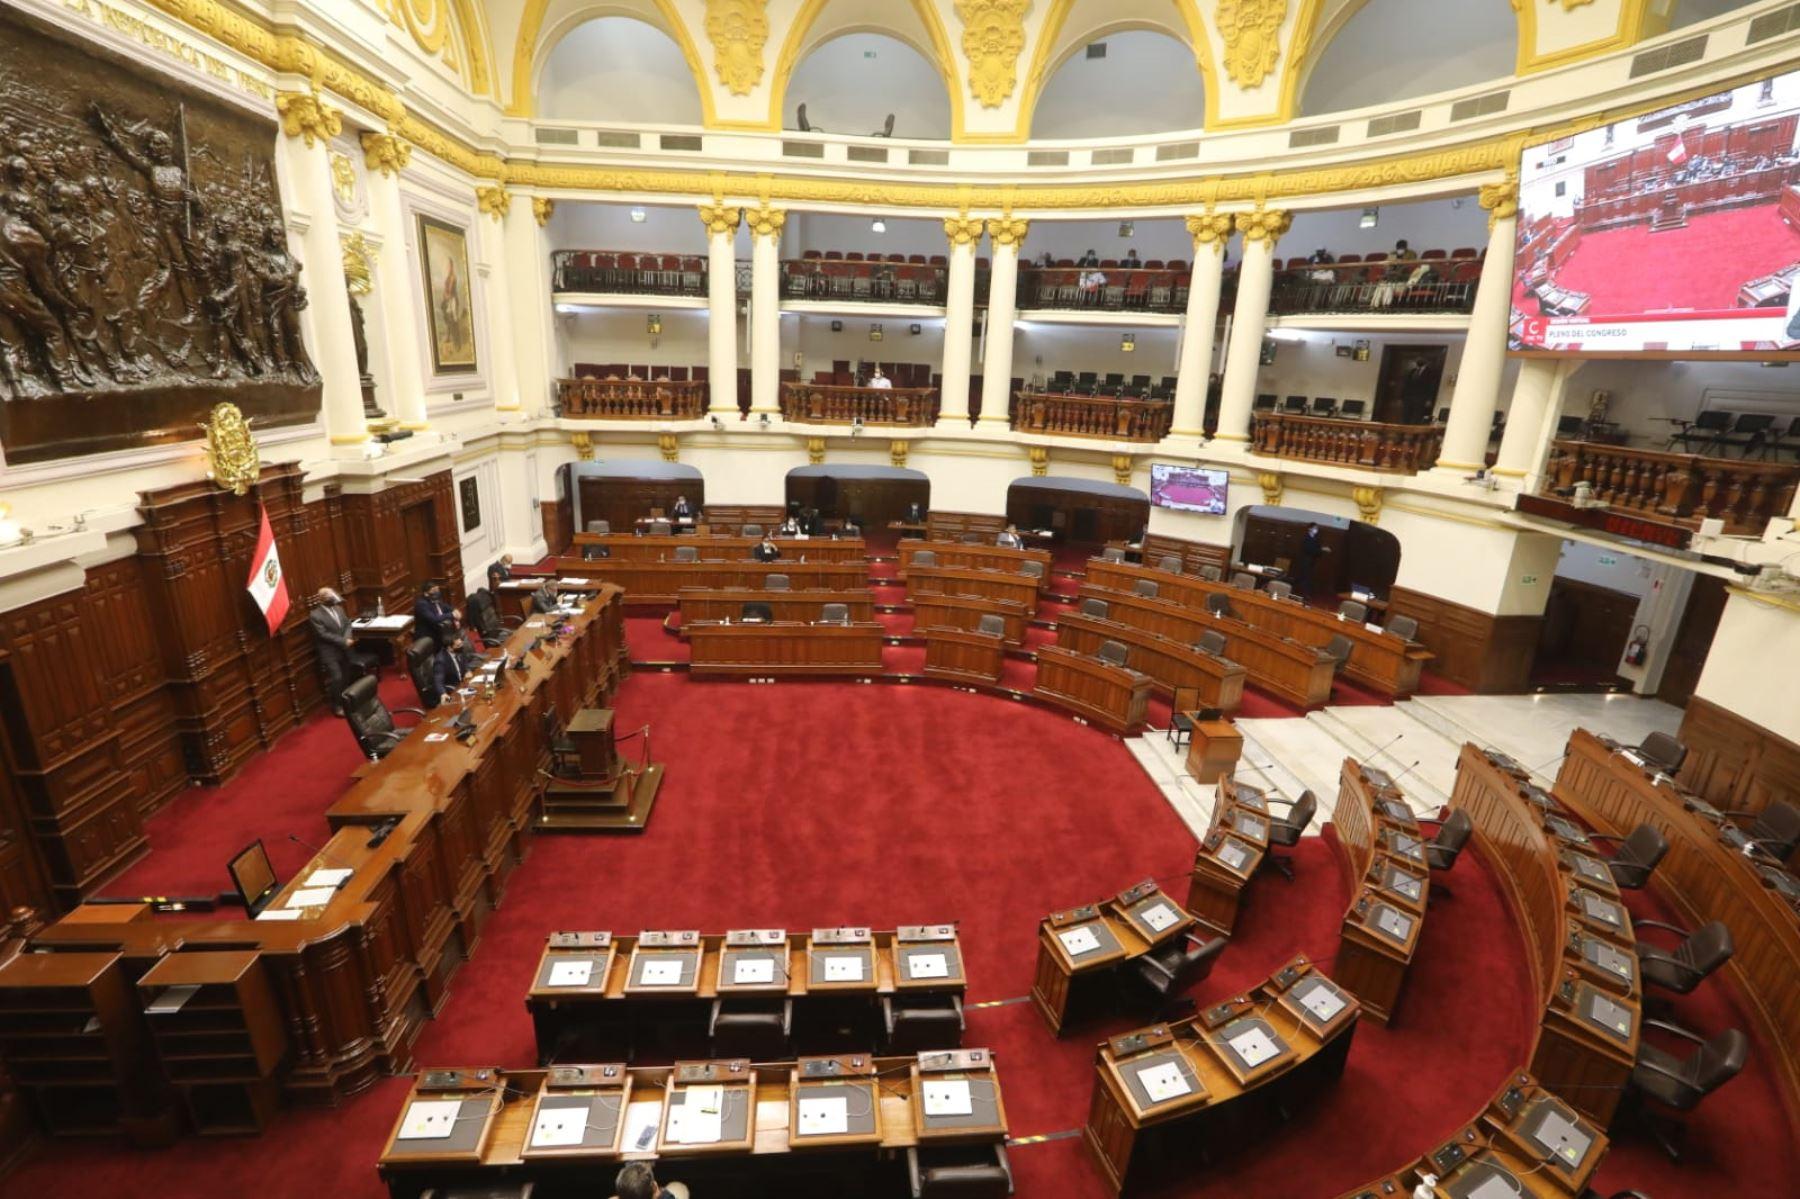 Congreso no logra consenso para aprobar Acuerdo de Escazú